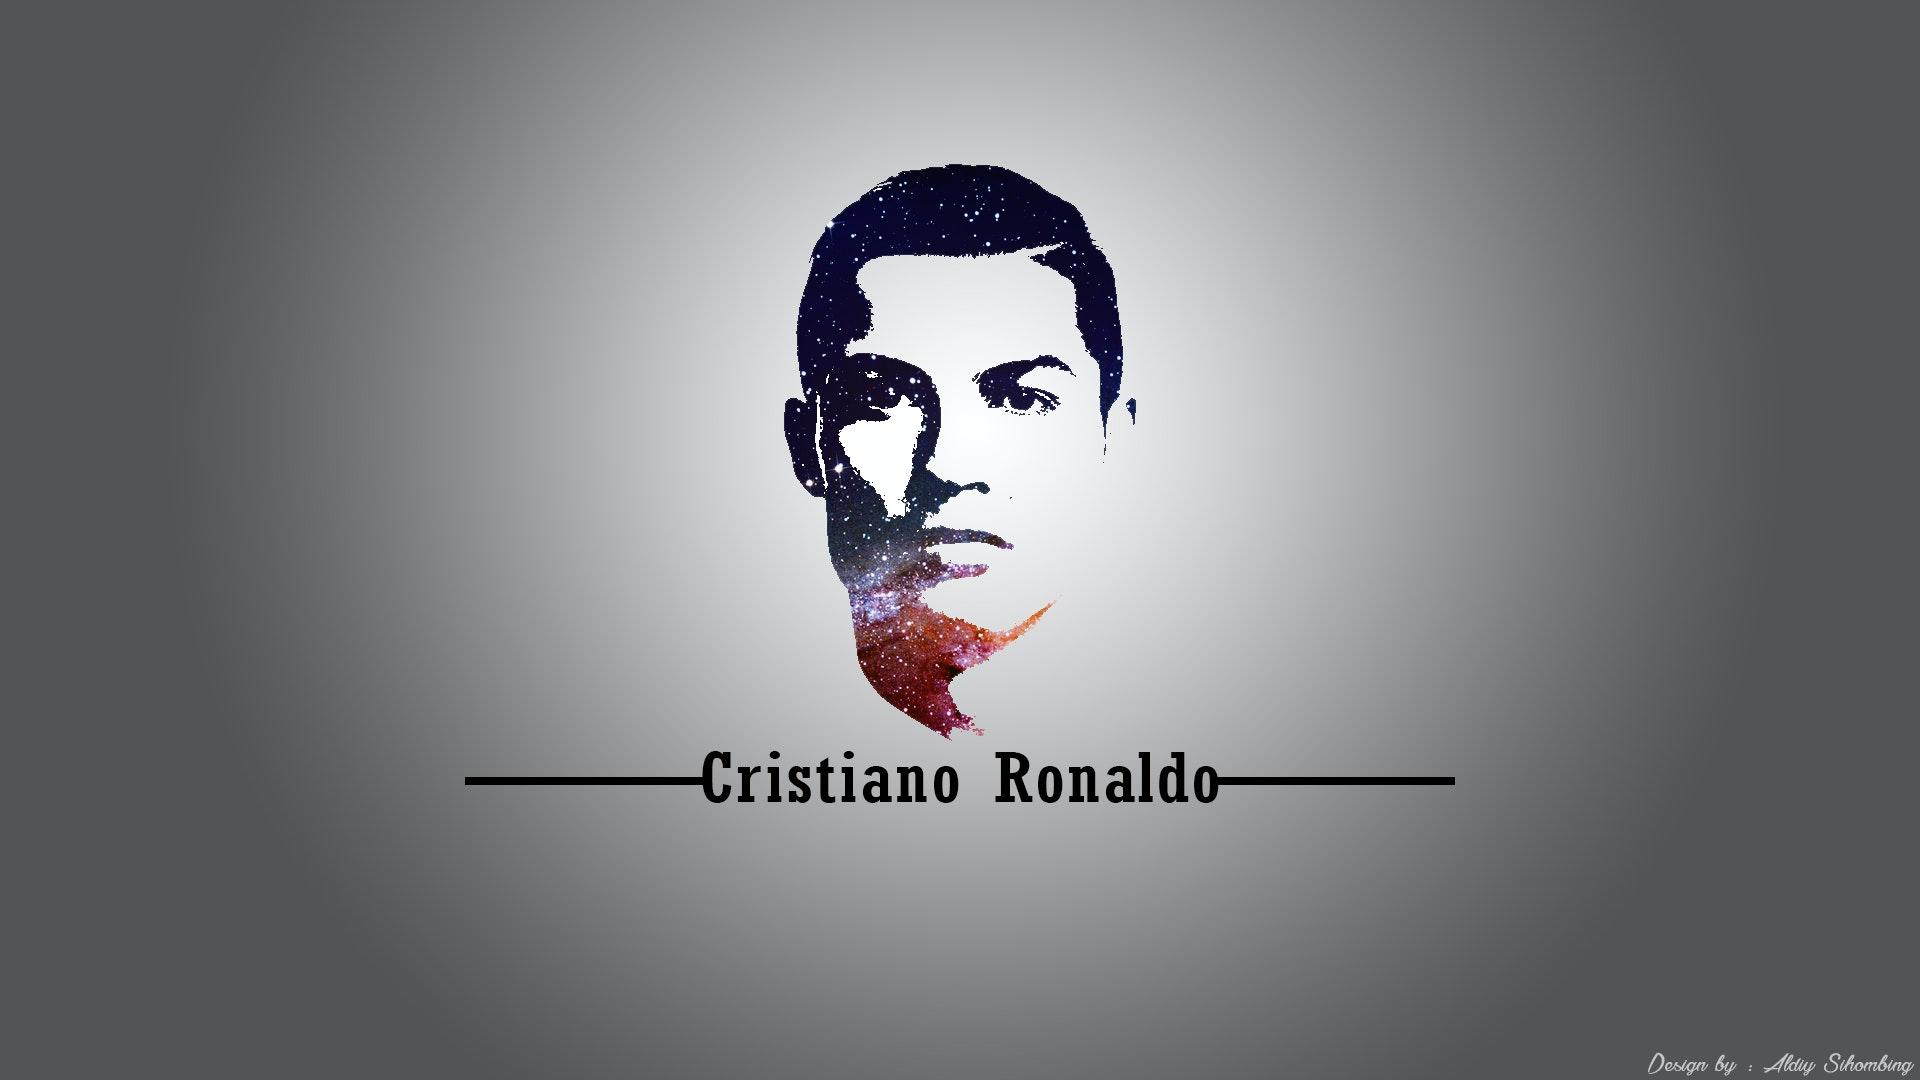 Kostenloses Foto Zum Thema Cristiano Ronaldo Fußball Real